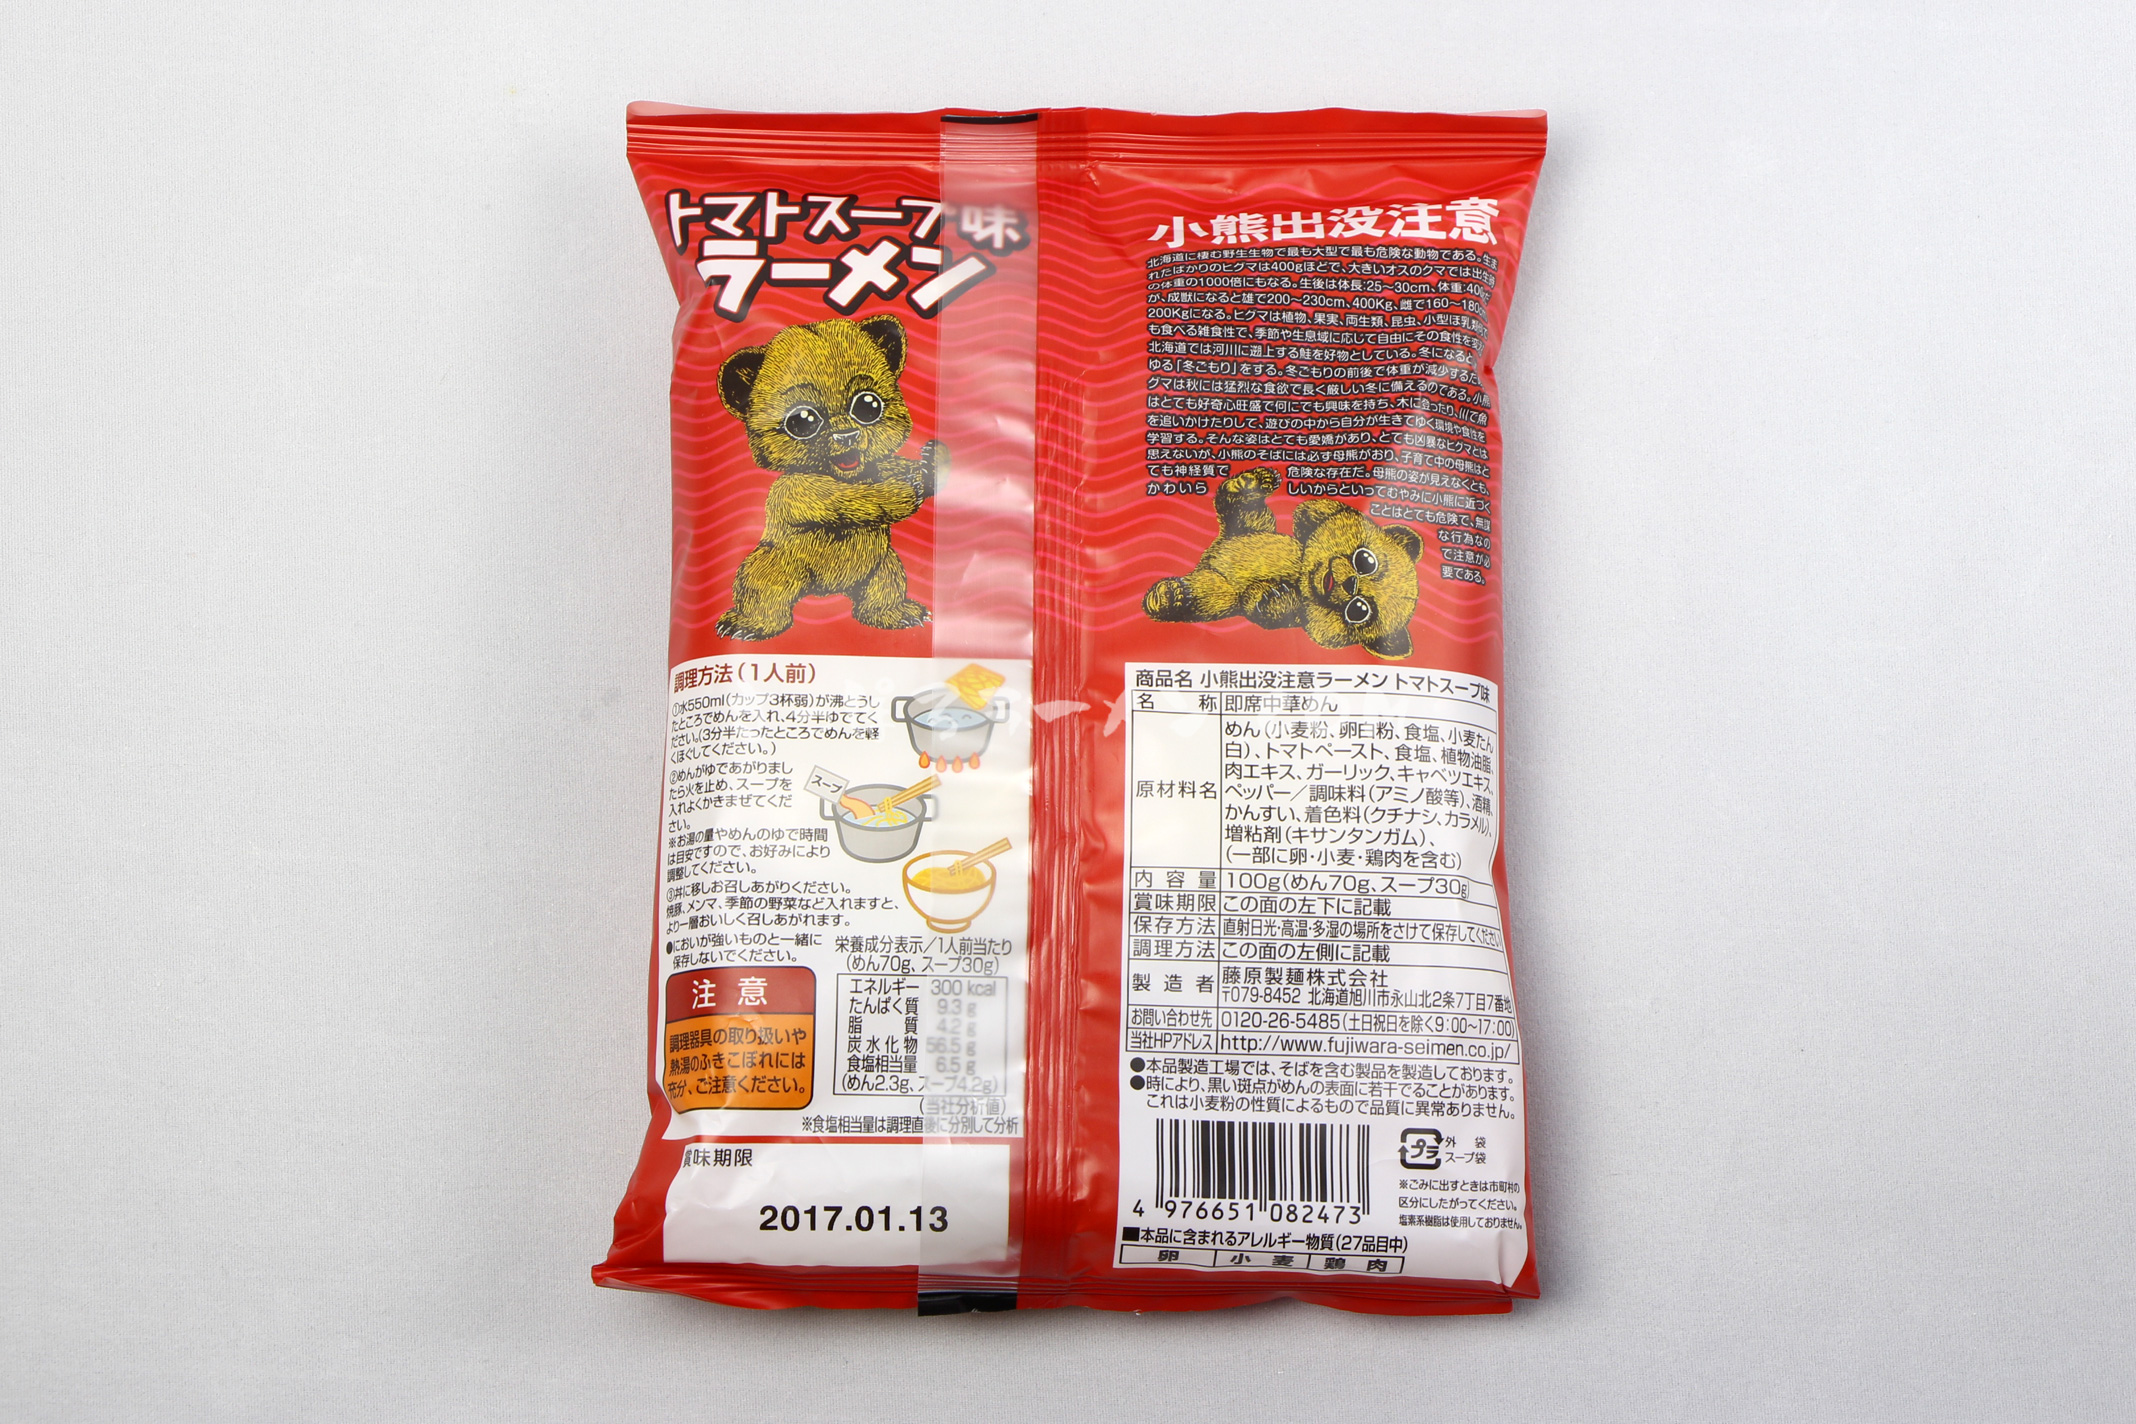 「小熊出没注意 トマトスープ味ラーメン」(藤原製麺)のパッケージ(裏)